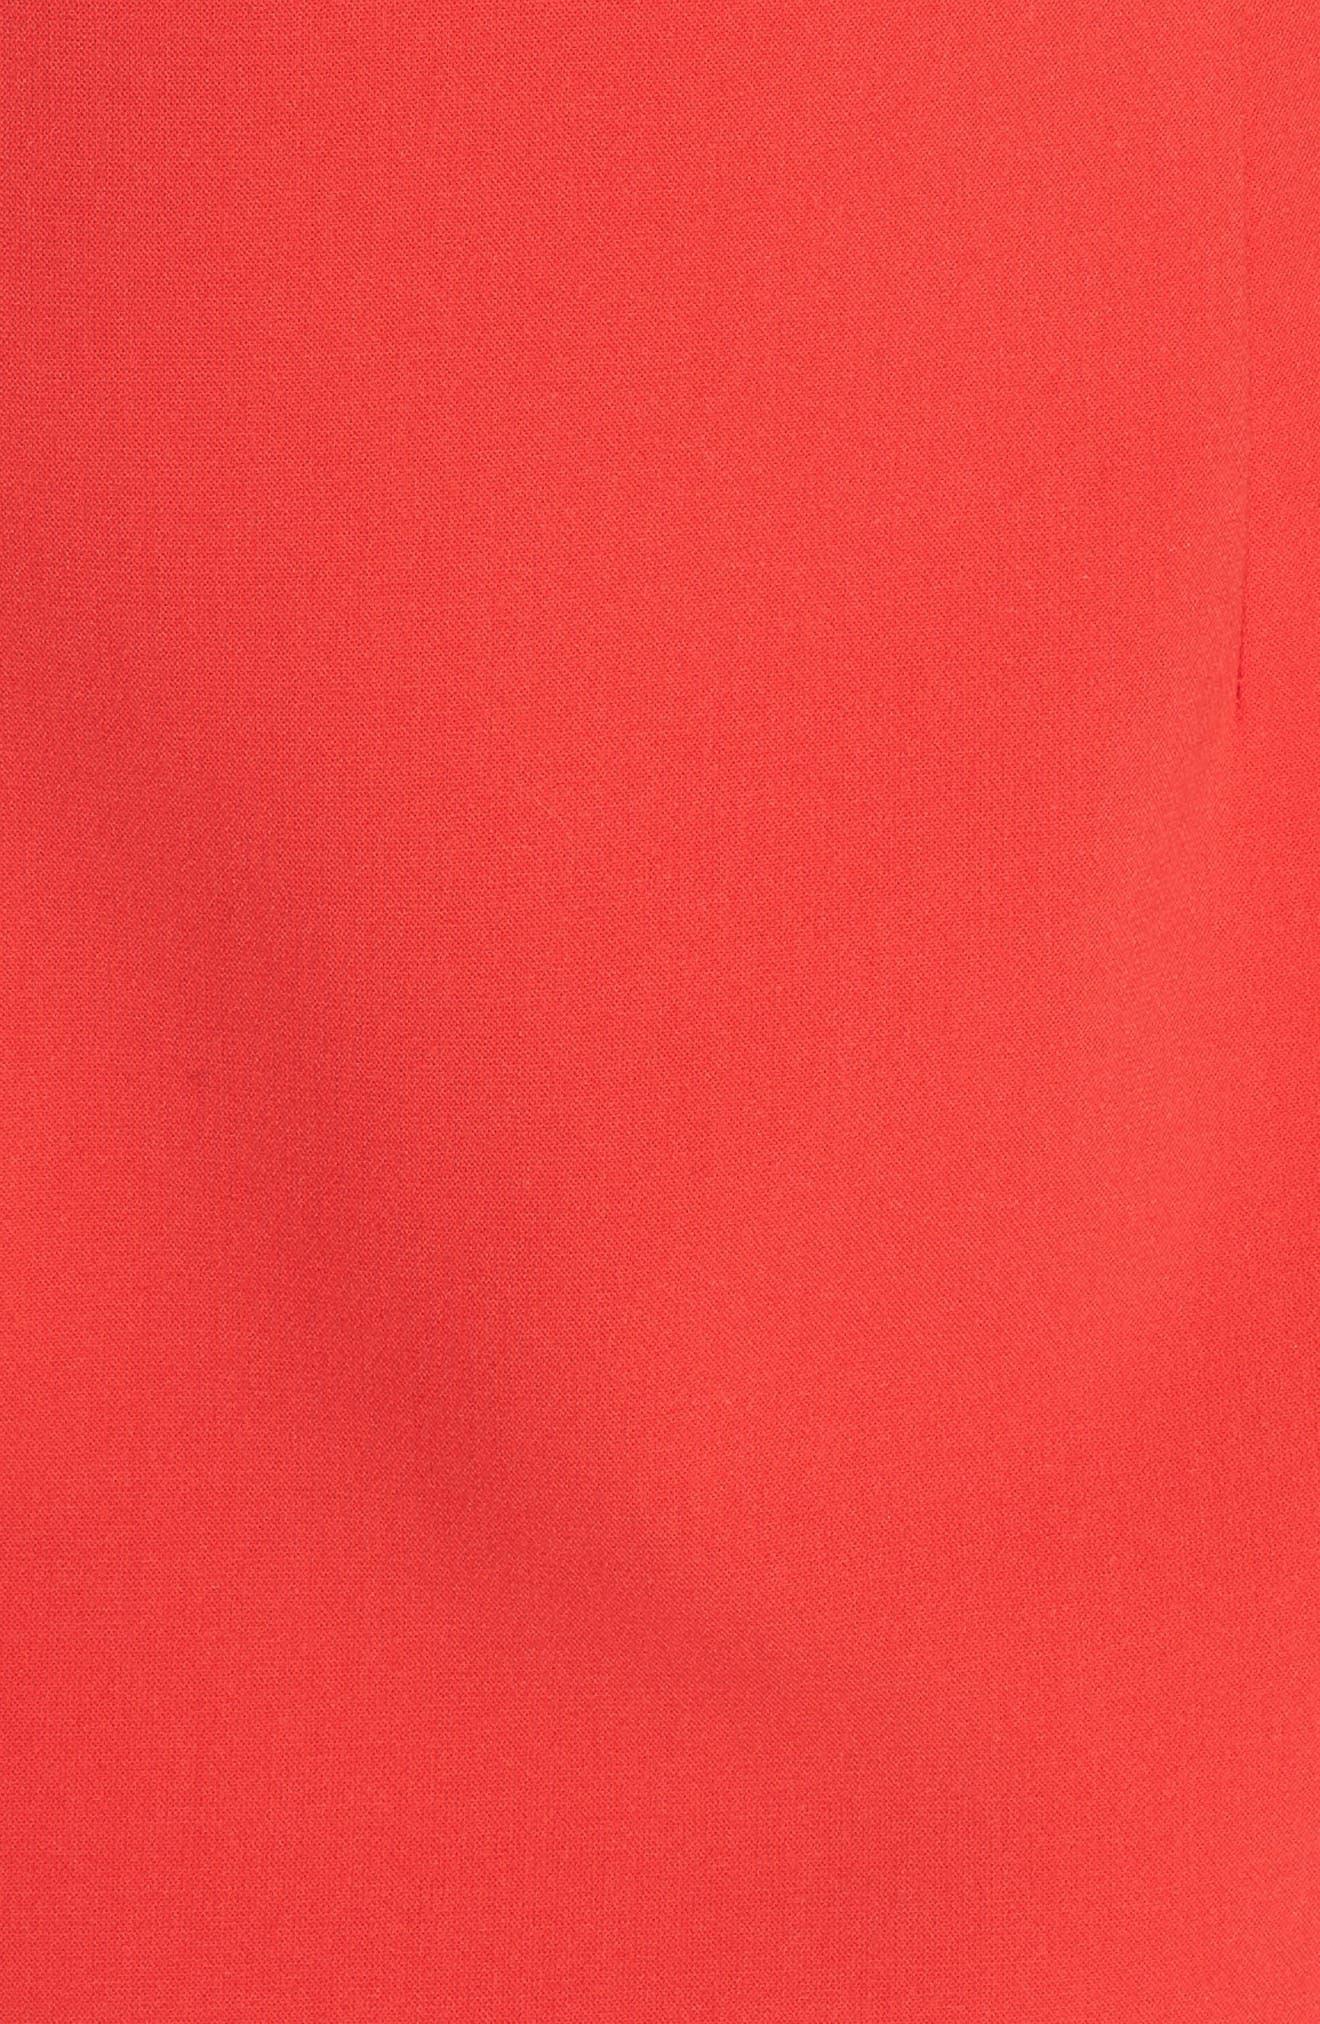 Whisper Light Sheath Dress,                             Alternate thumbnail 6, color,                             Shanghai Red